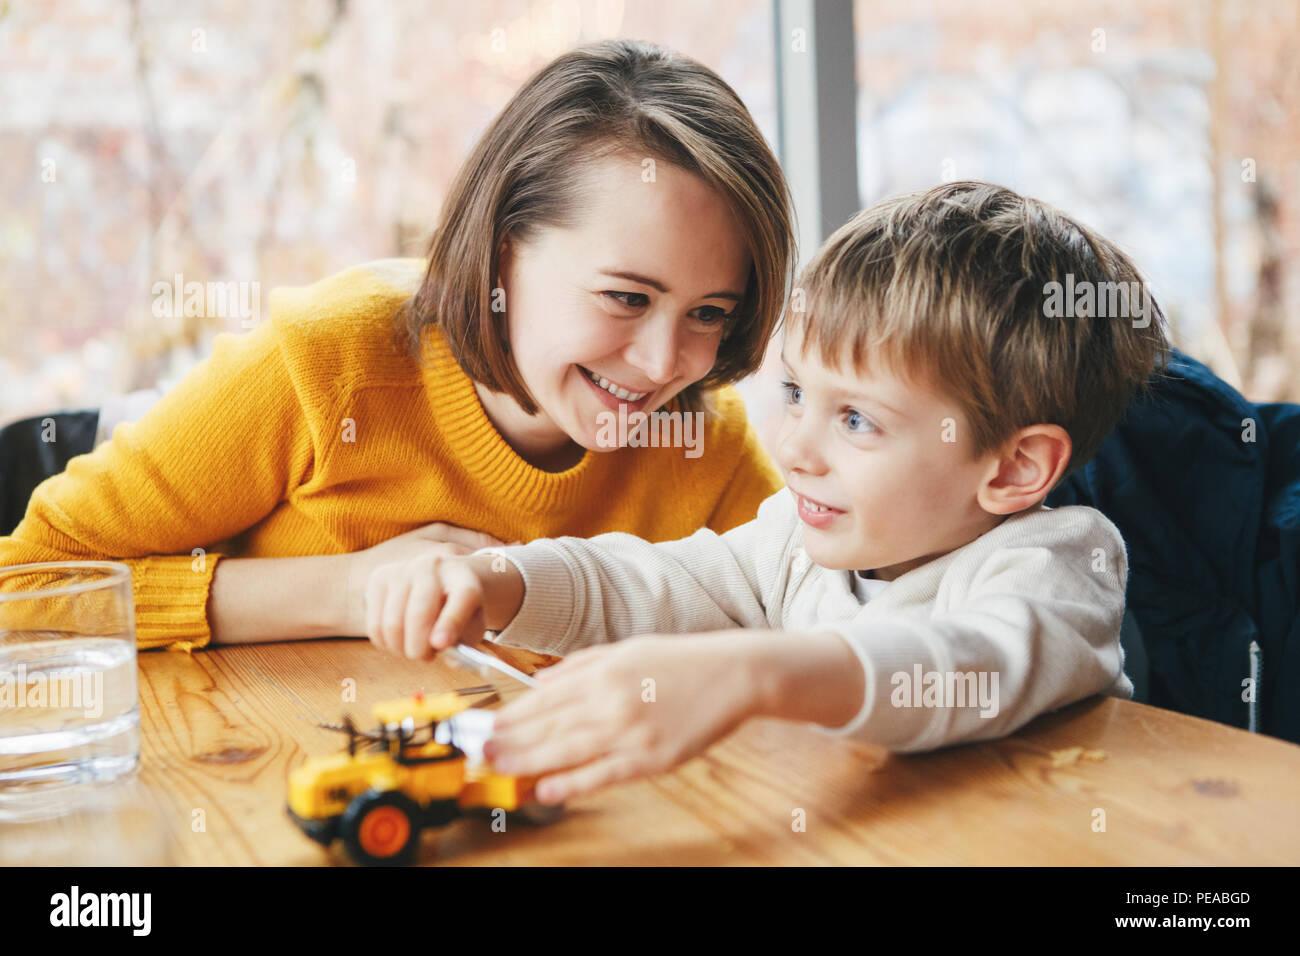 Ritratto di white Caucasian famiglia felice, madre e figlio seduti al ristorante cafe a tavola, sorridente giocando con il giocattolo auto, autentico stile di vita Immagini Stock